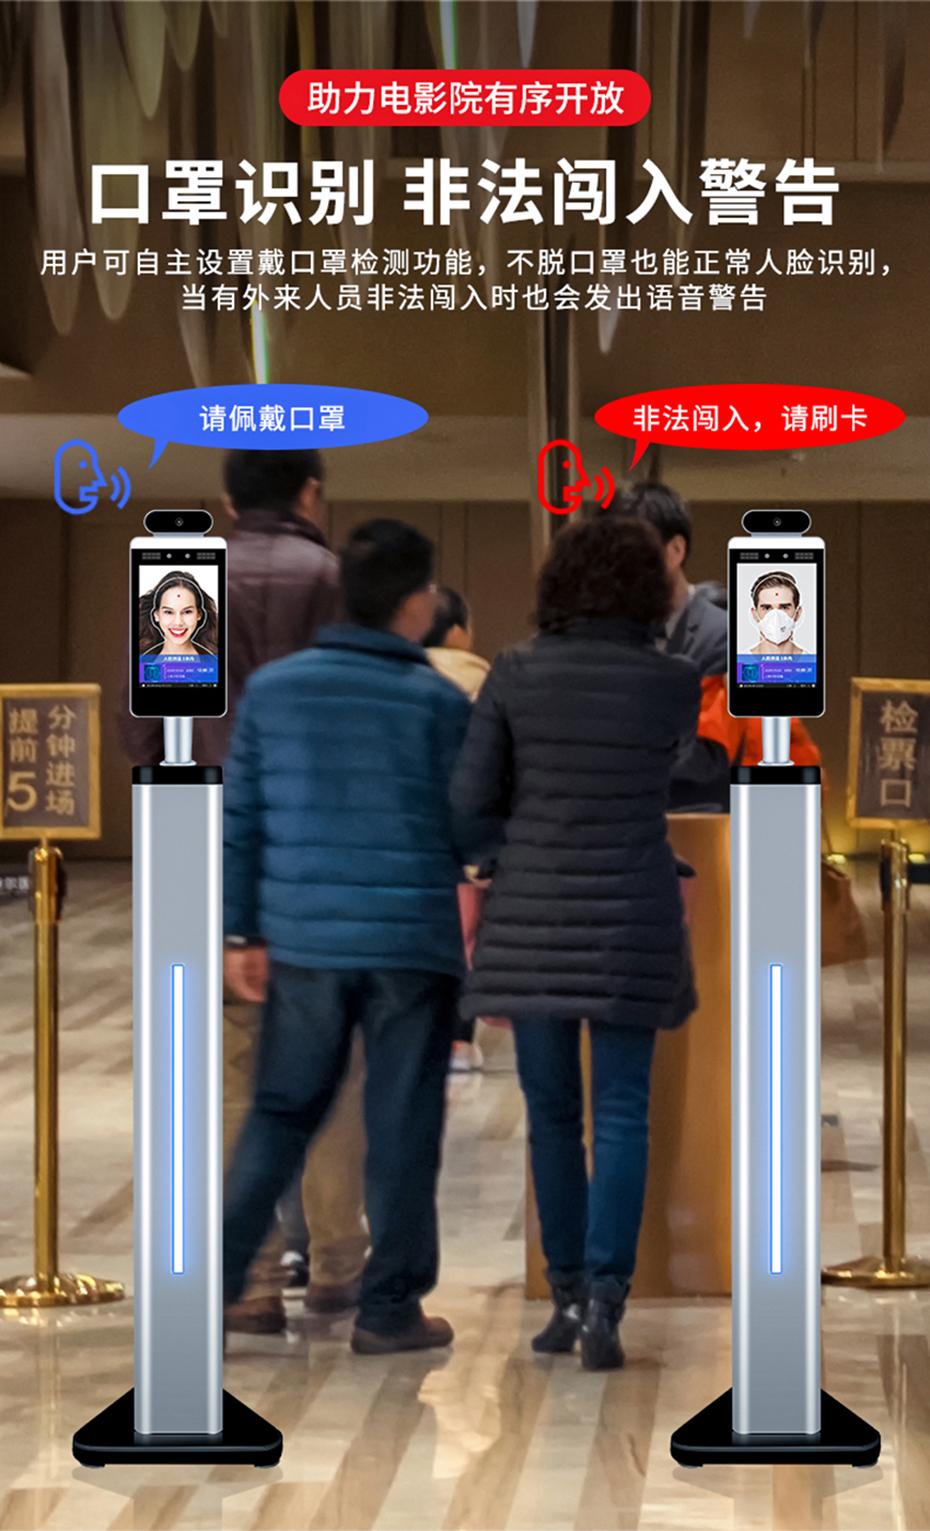 10S-U测温人脸识别详情页_06